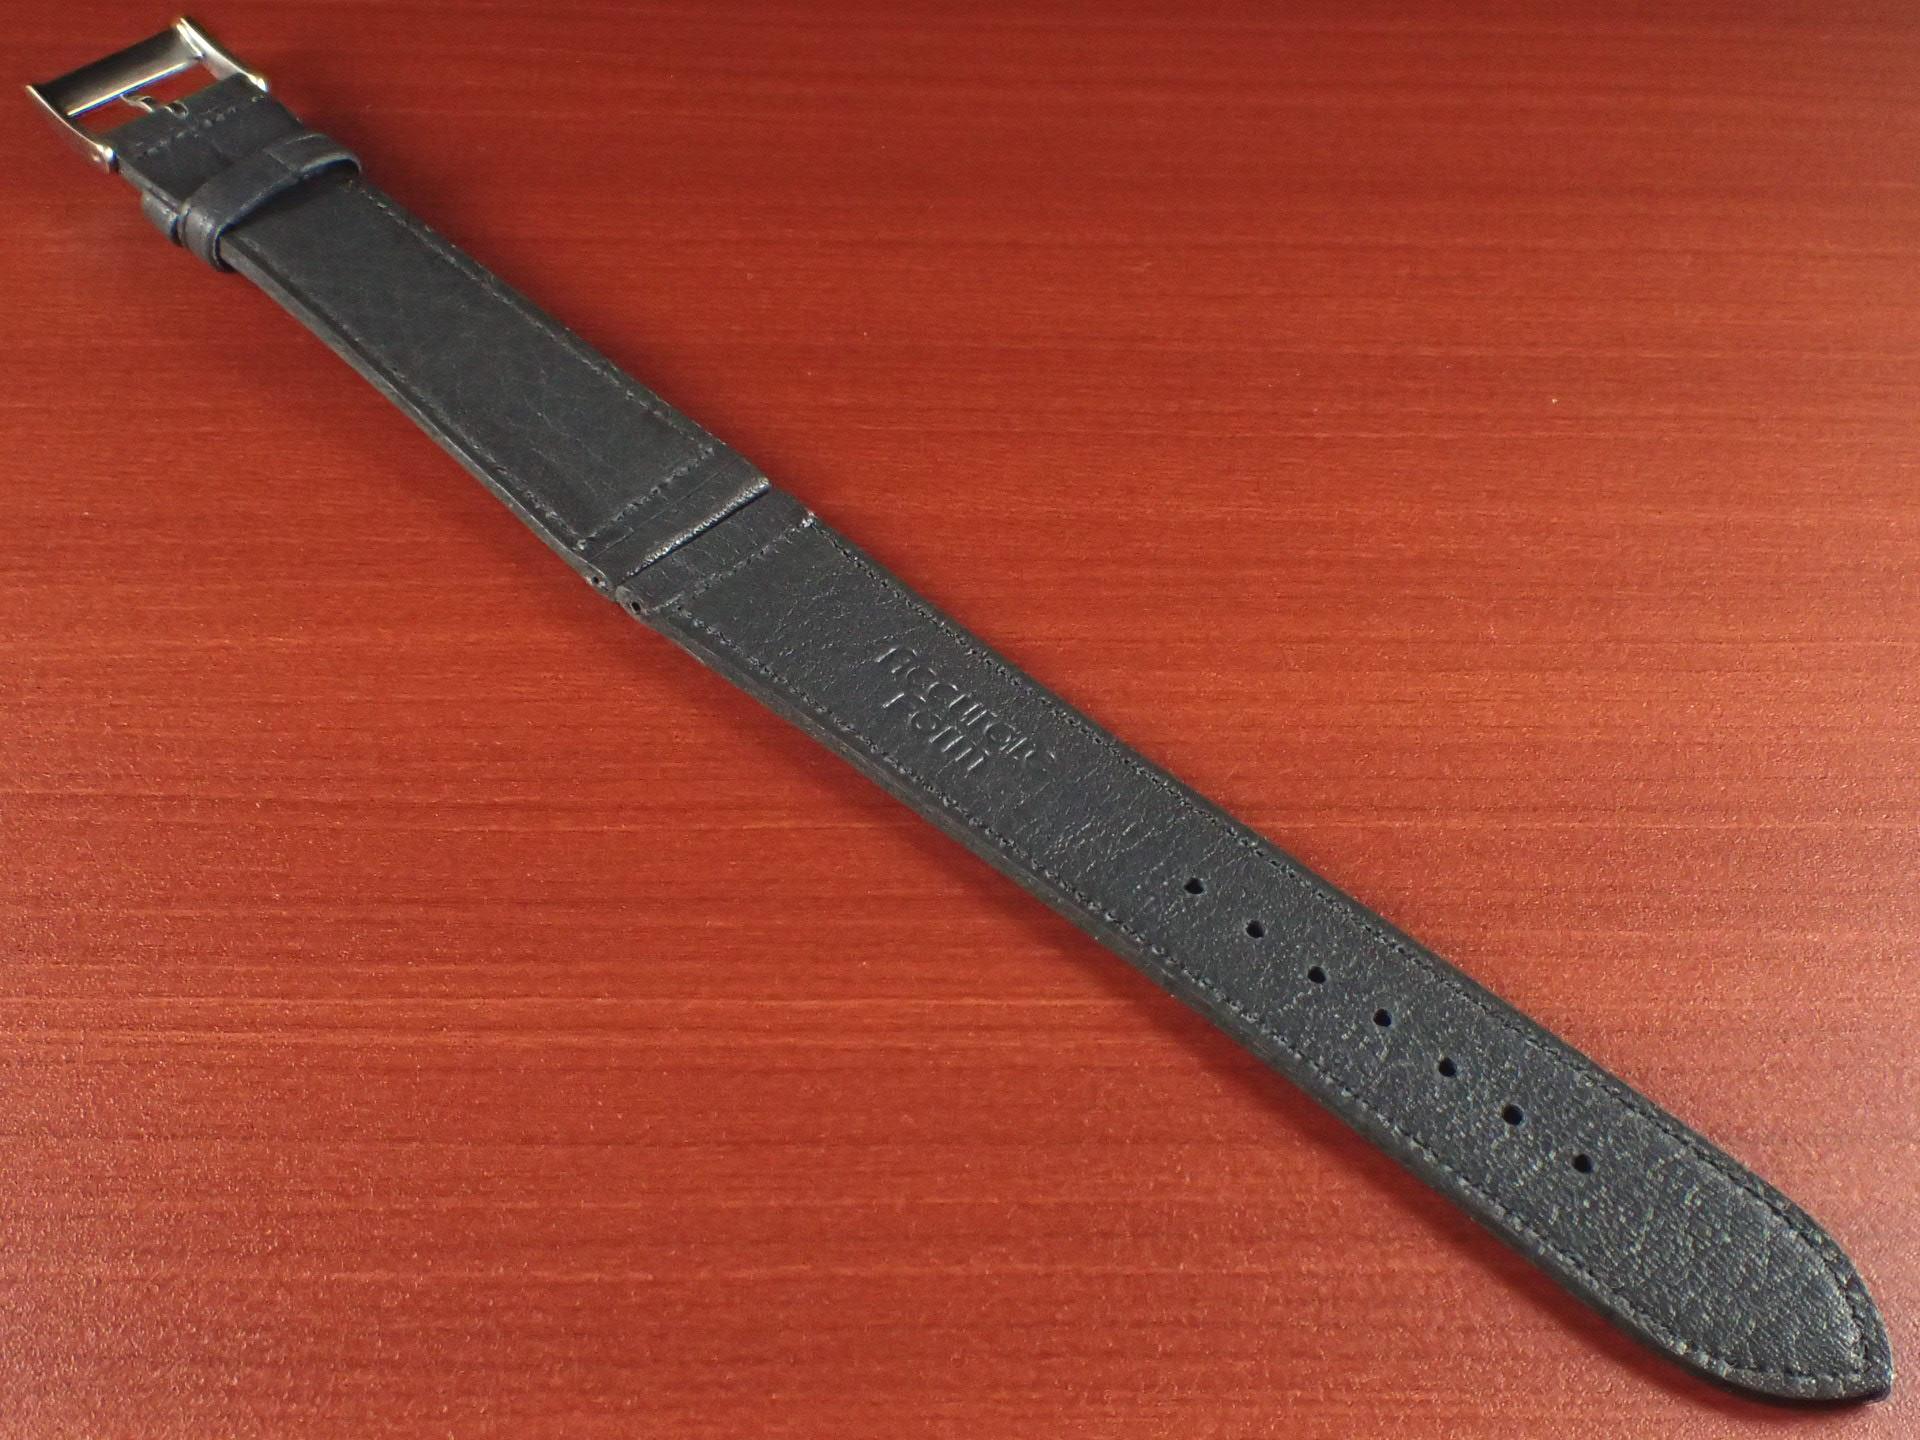 ヴィンテージレザー 牛革ベルト ブルーグレー 18mm、20mmの写真2枚目